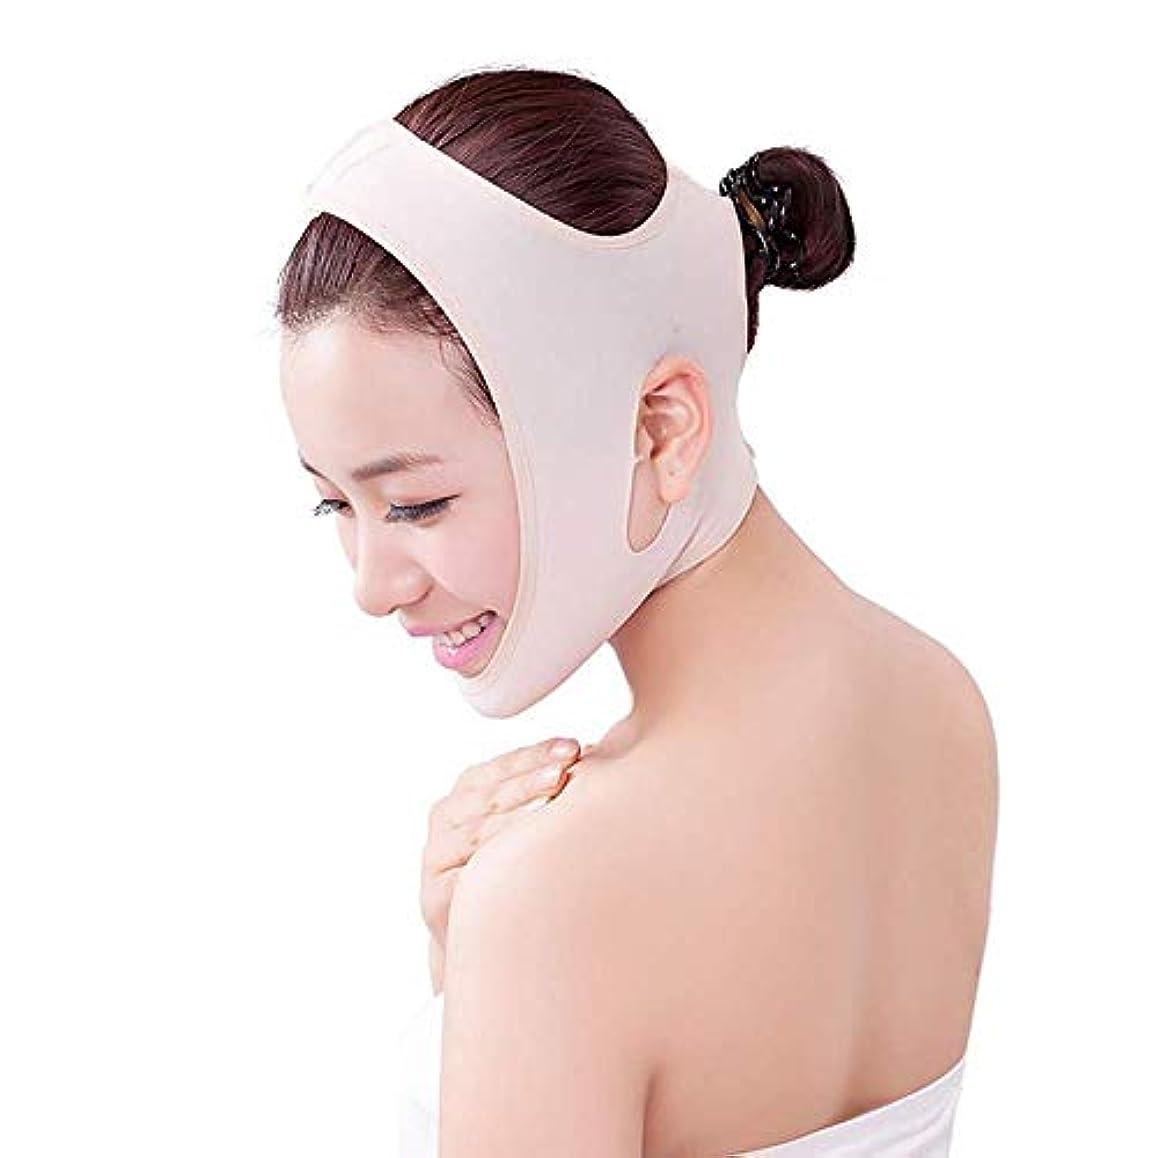 咲くベアリングサークル鉱夫Thin Face Belt - 男性用および女性用の包帯をフレンチフェイシャルリフティングマスクに固定するフェースリフティングベルト(サイズ:XS)